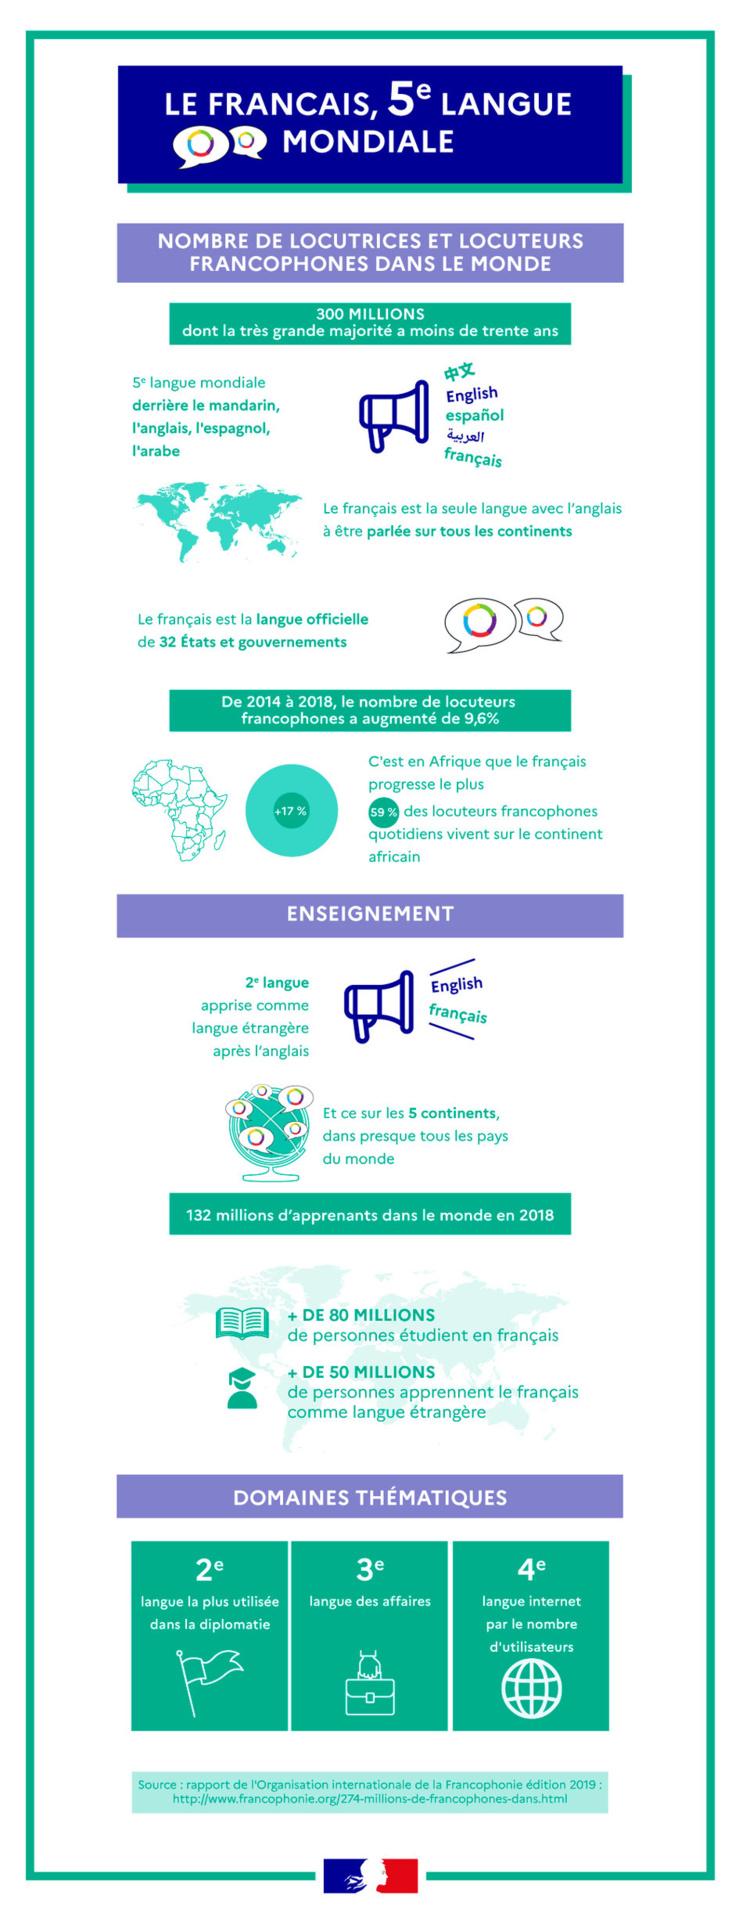 Le français, 5ième langue mondiale